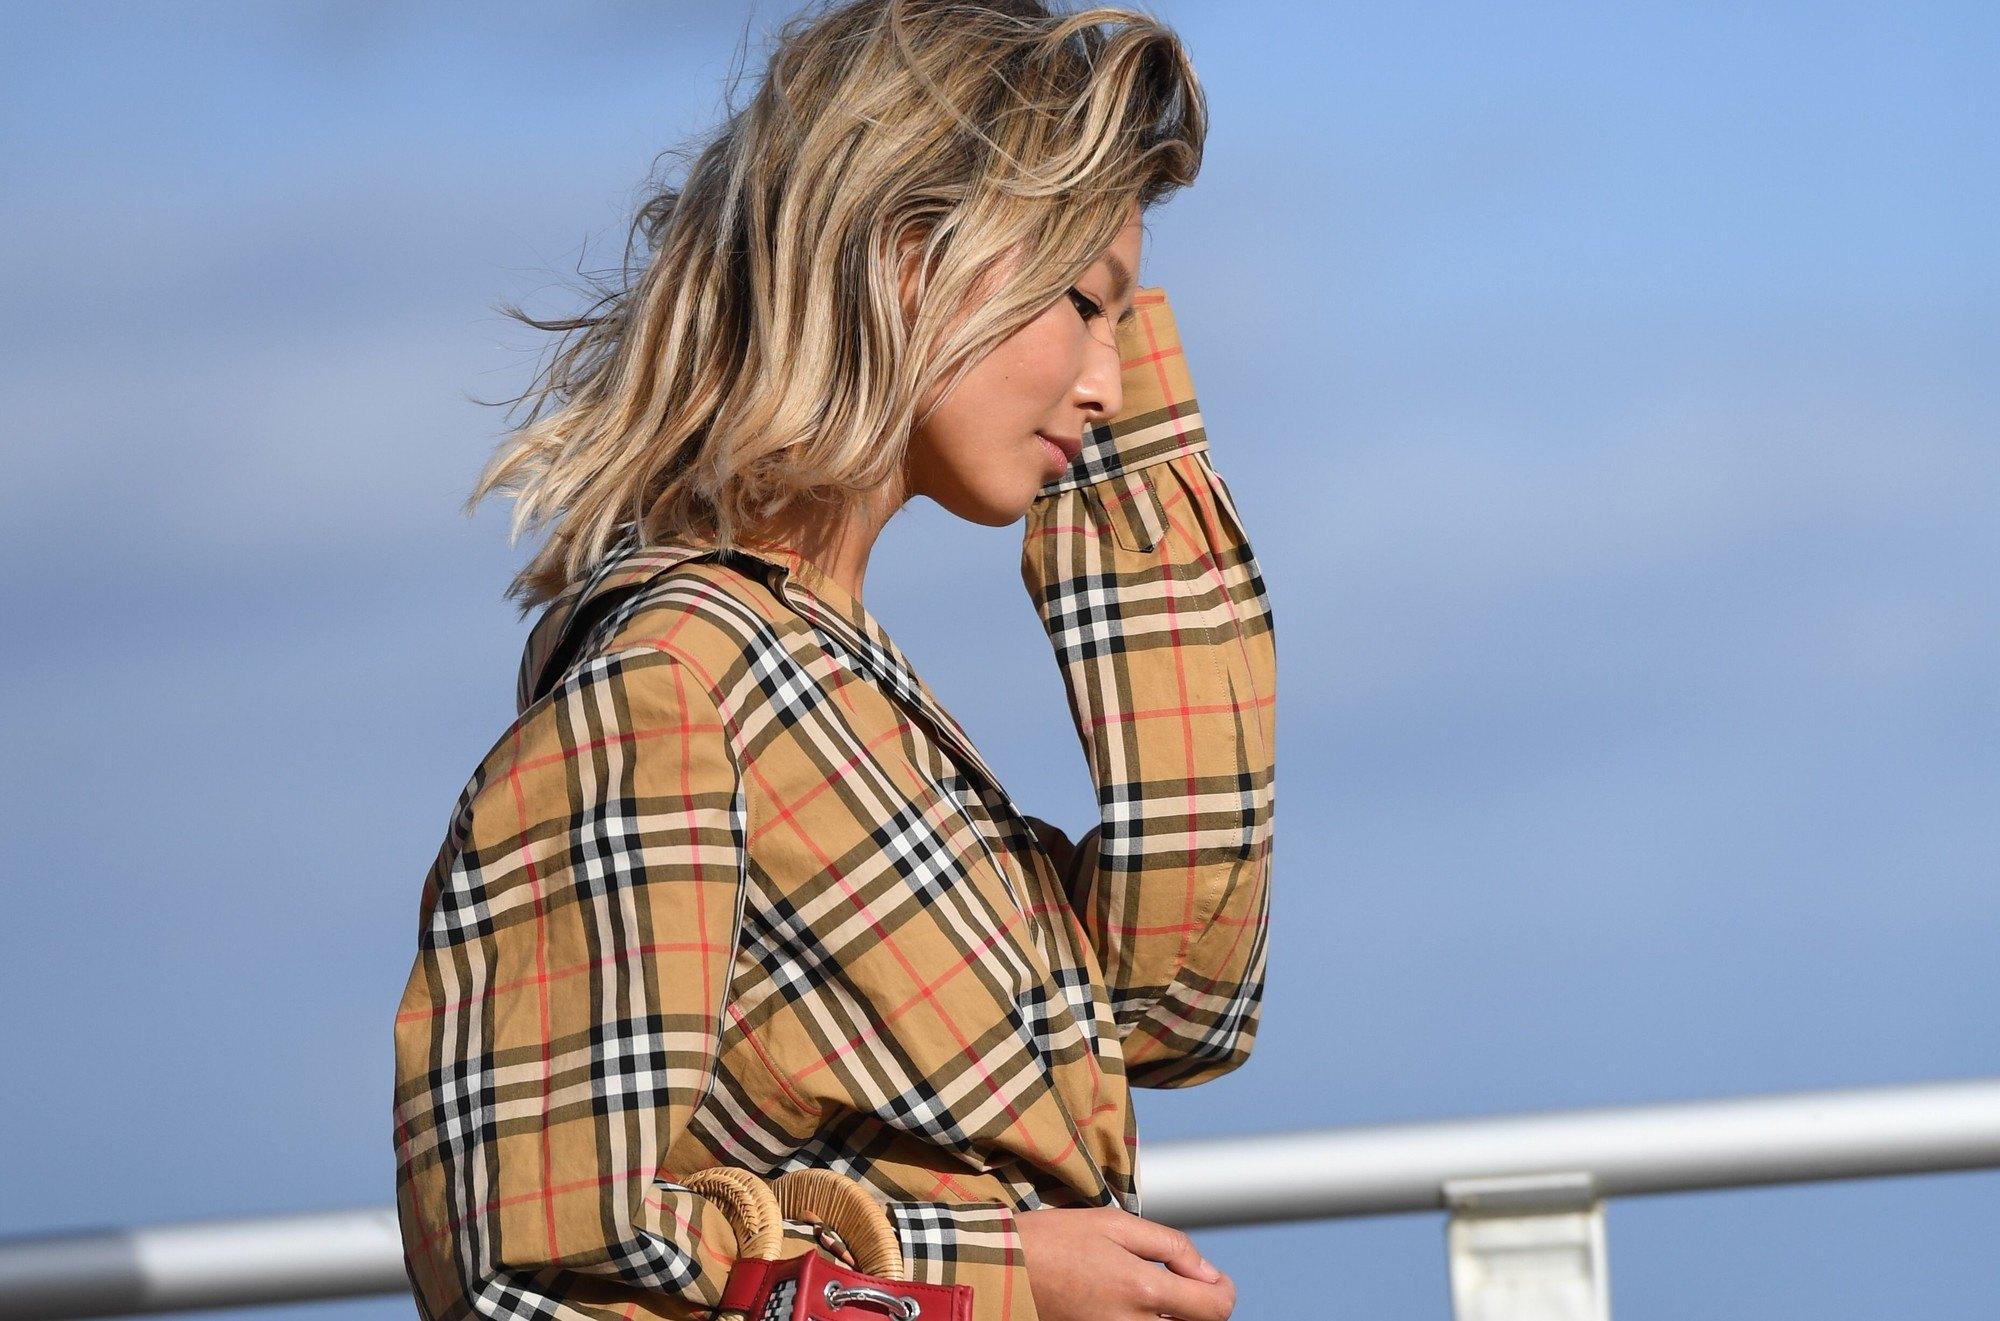 photo en gros plan d'un mannequin de style urbain aux cheveux blonds cendrés sableux, portant une veste à carreaux et posant dans la rue, tenant une pochette.